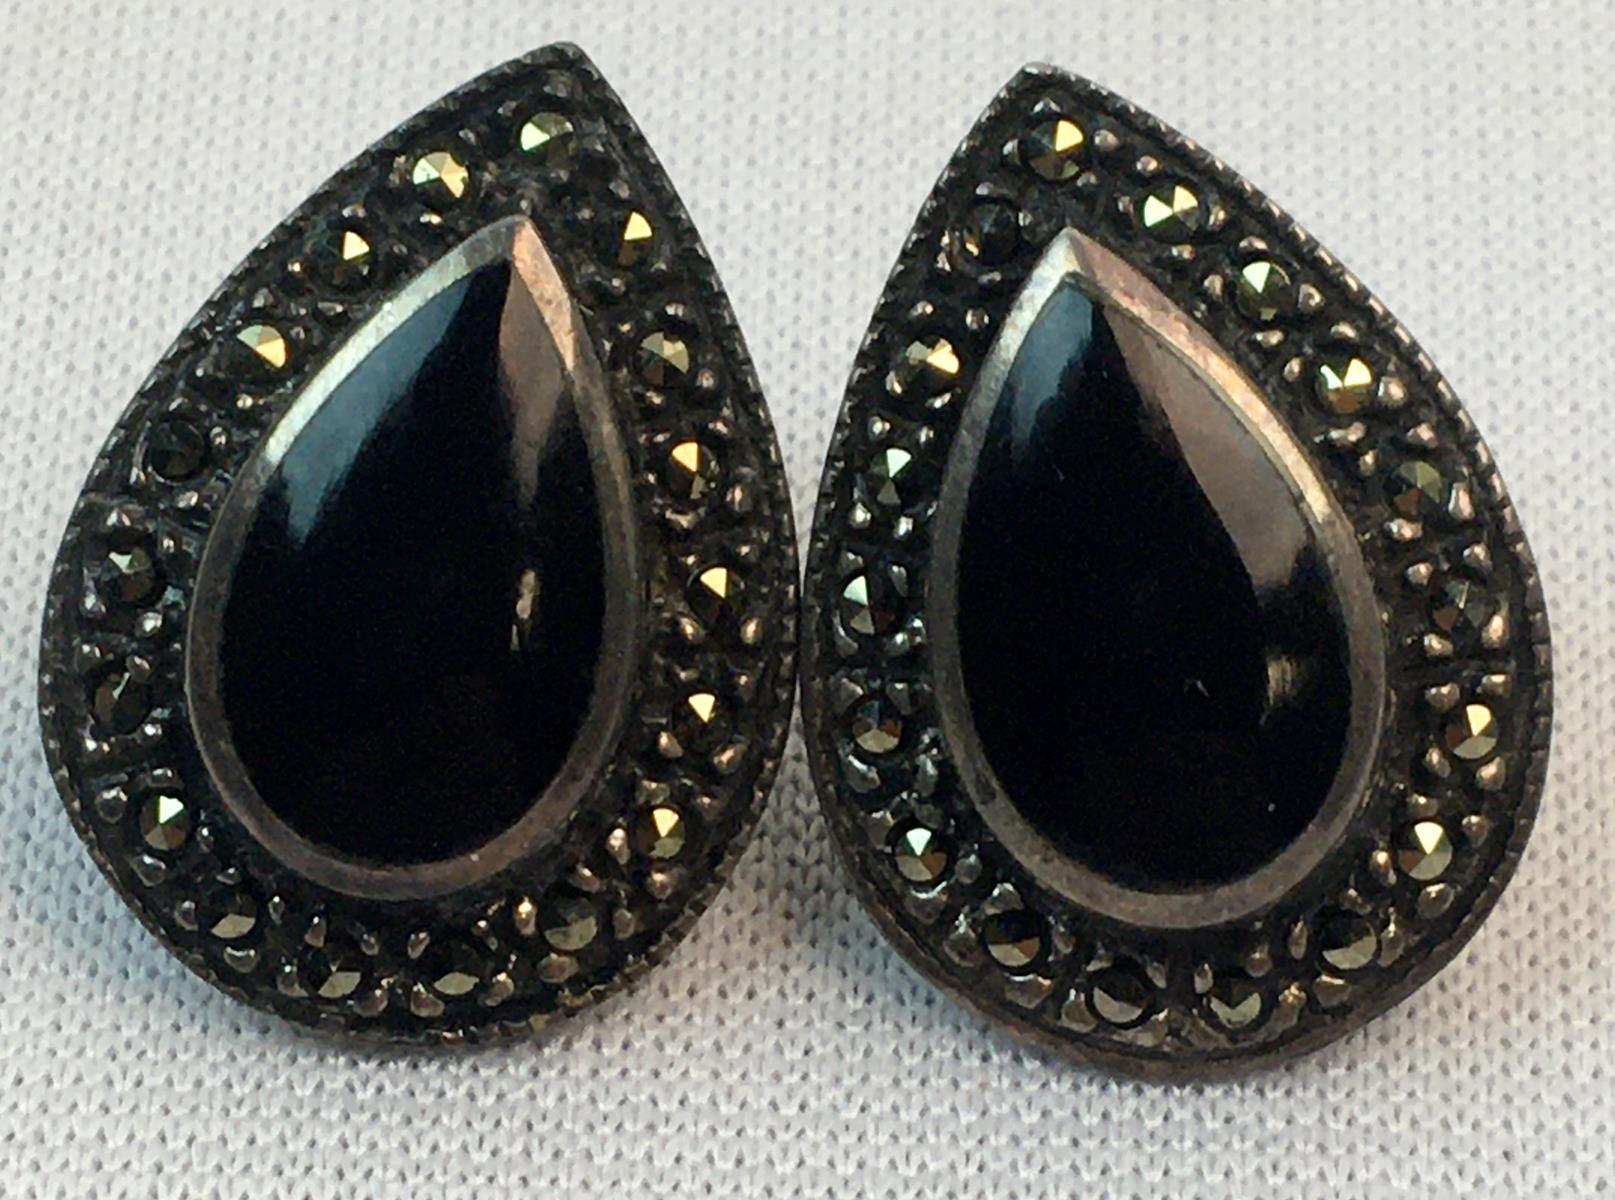 Vintage Sterling Silver Onyx & Marcasite Teardrop Pierced Earrings